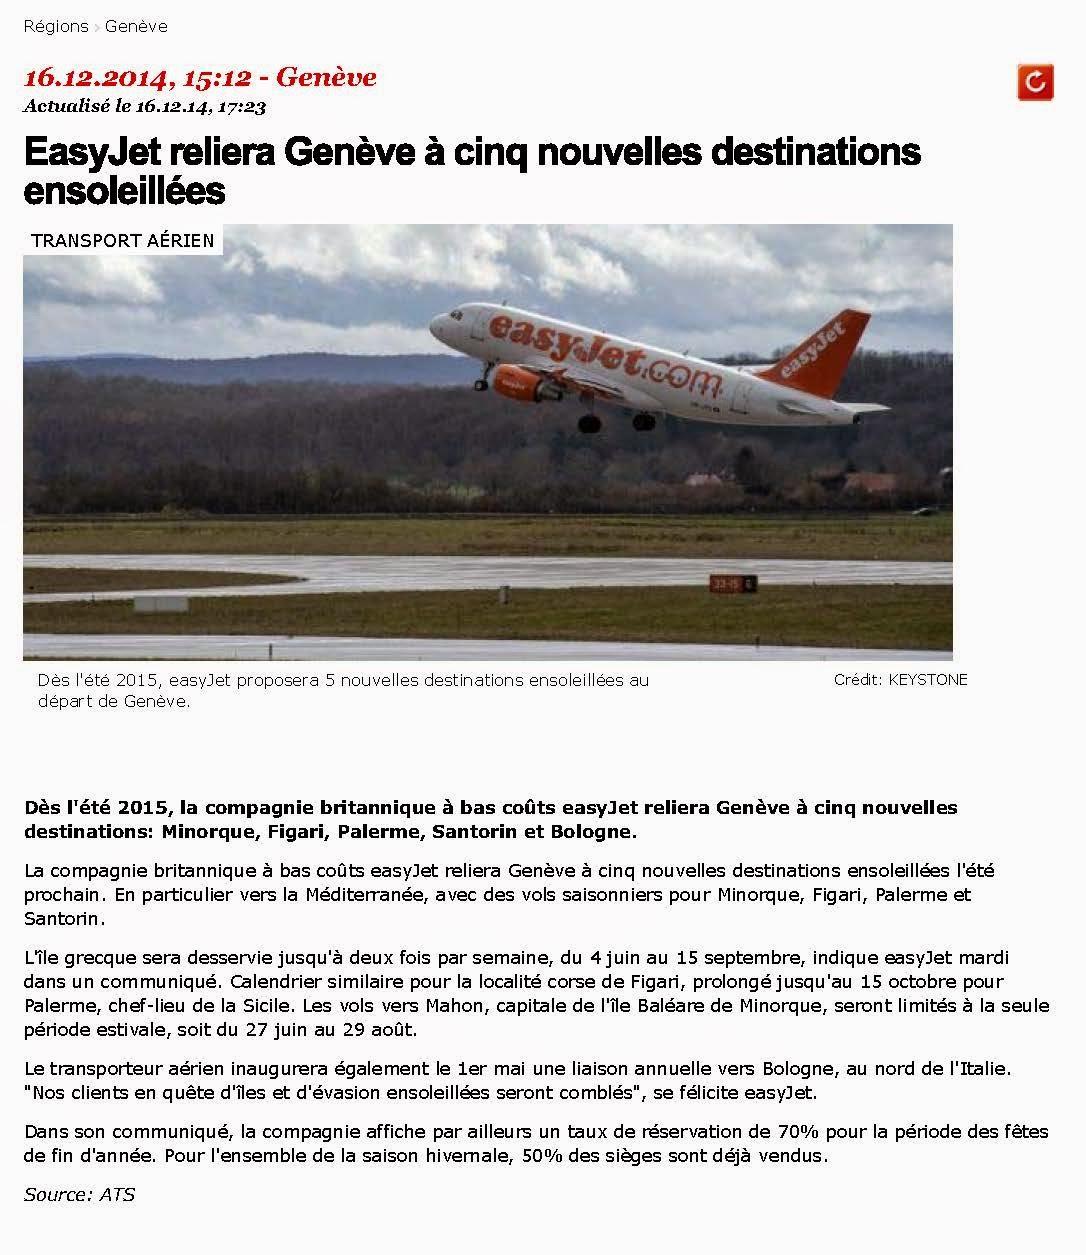 http://www.lacote.ch/fr/regions/geneve/easyjet-reliera-geneve-a-cinq-nouvelles-destinations-ensoleillees-2139-1388942